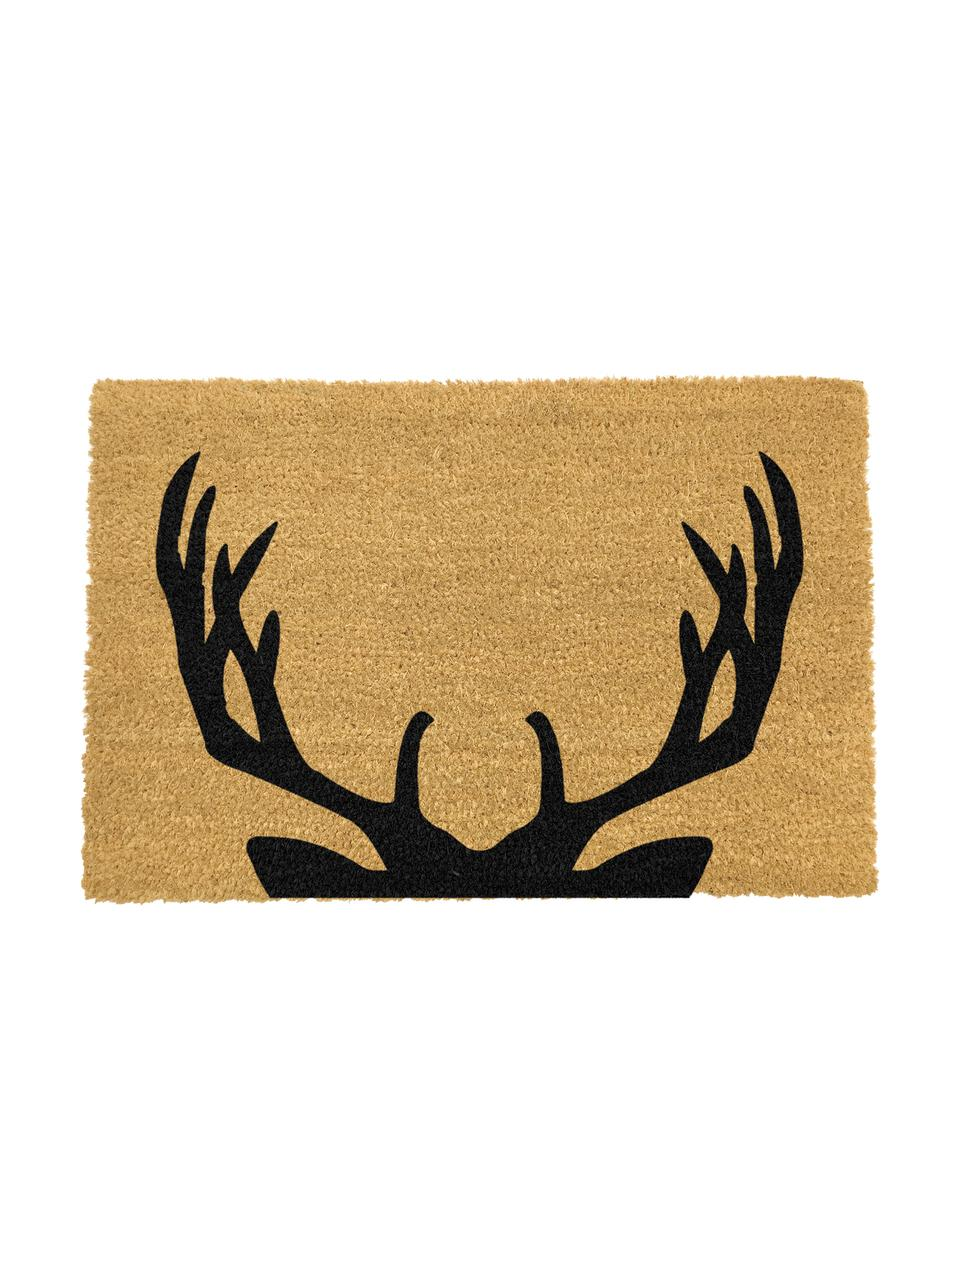 Fußmatte Stag, Kokosfaser, Fußmatte: Beige, Schriftzug: Schwarz, 40 x 60 cm